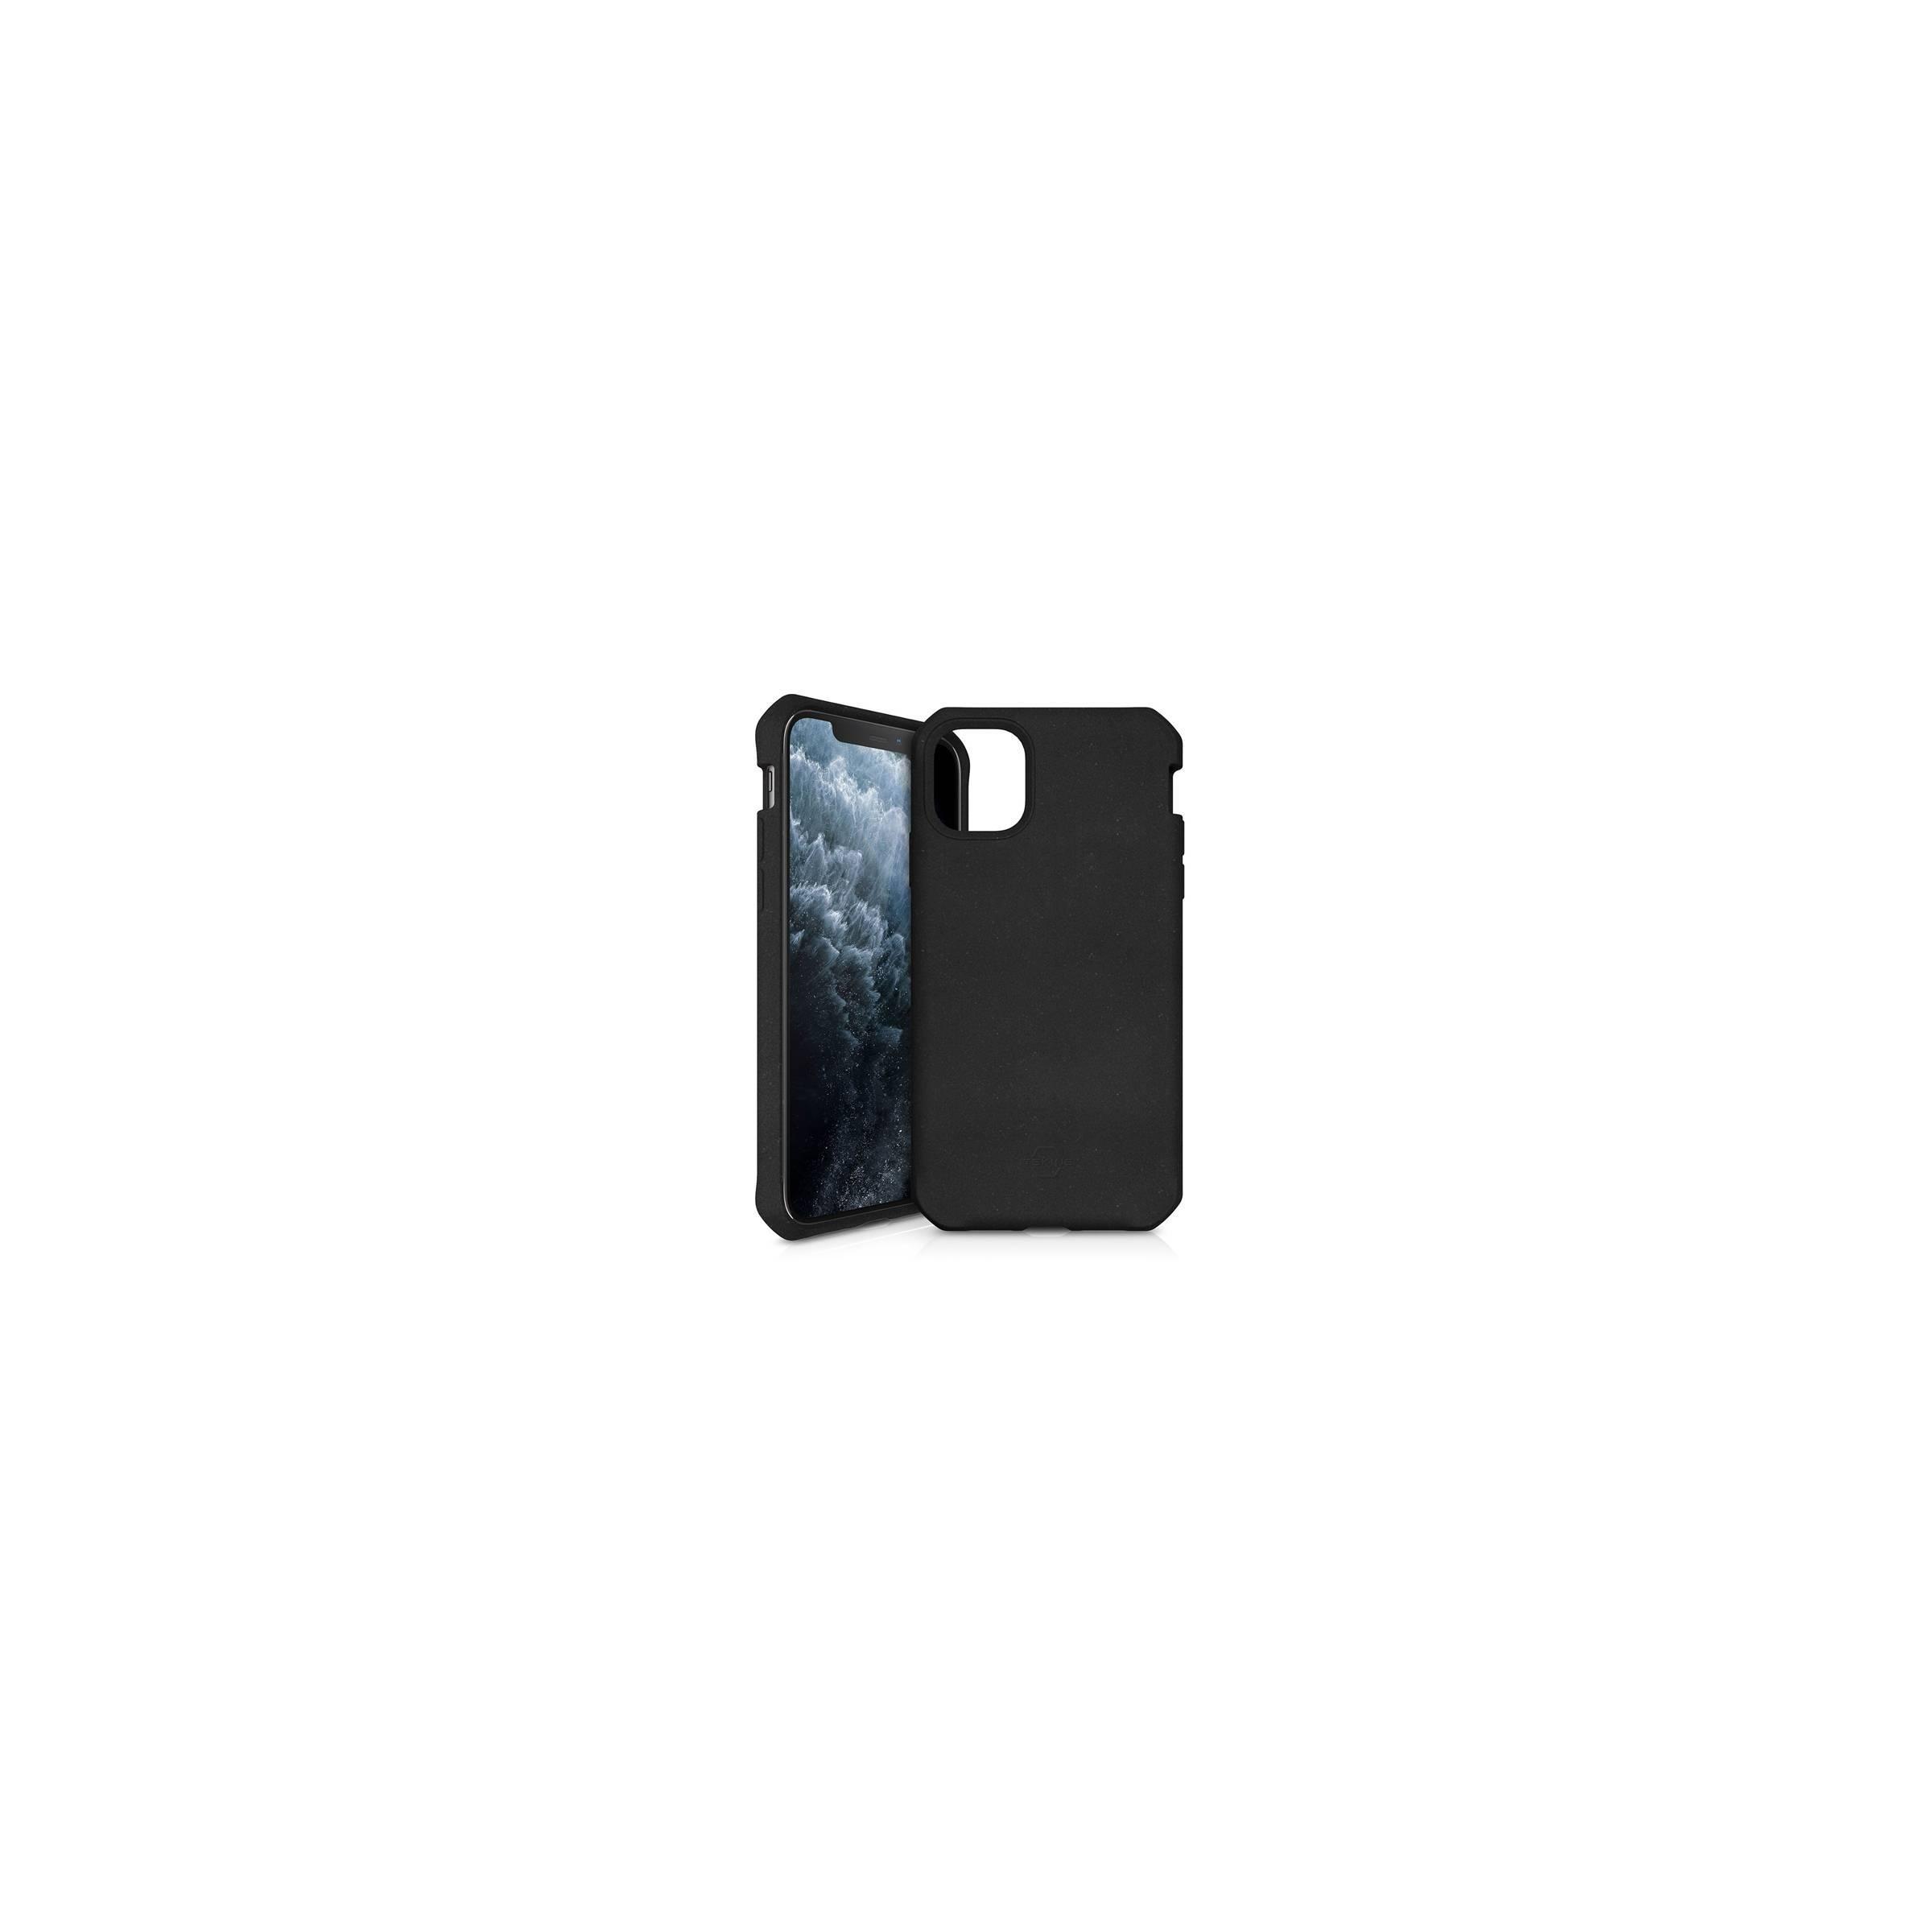 Feroniabio bionedbrydeligt iphone 11 pro cover fra itskins fra itskins fra mackabler.dk